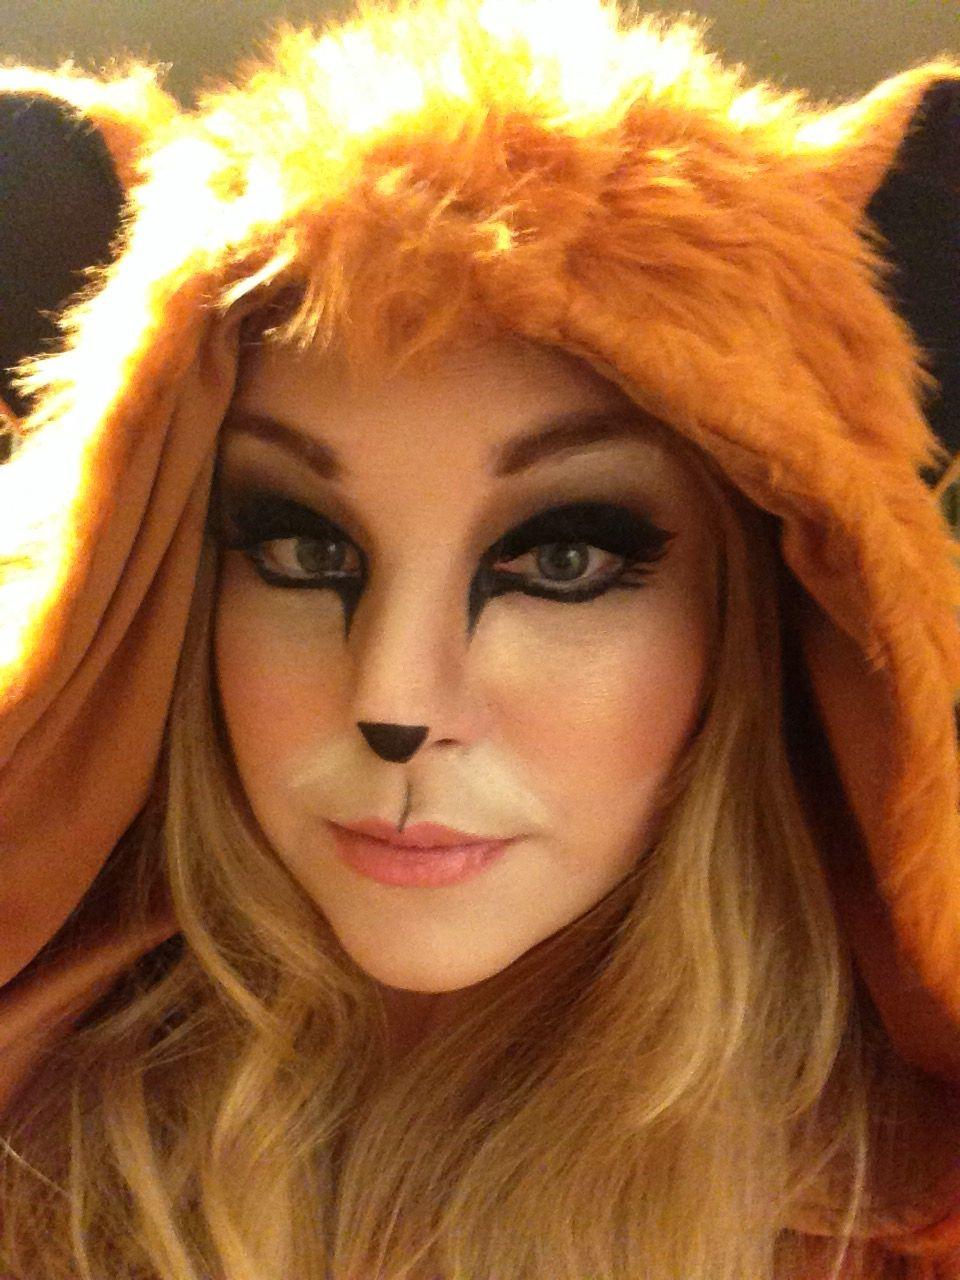 Foxy Lady Makeup Fox Makeup Halloween Sexy Halloween Mac Makeup Mac - Fox-makeup